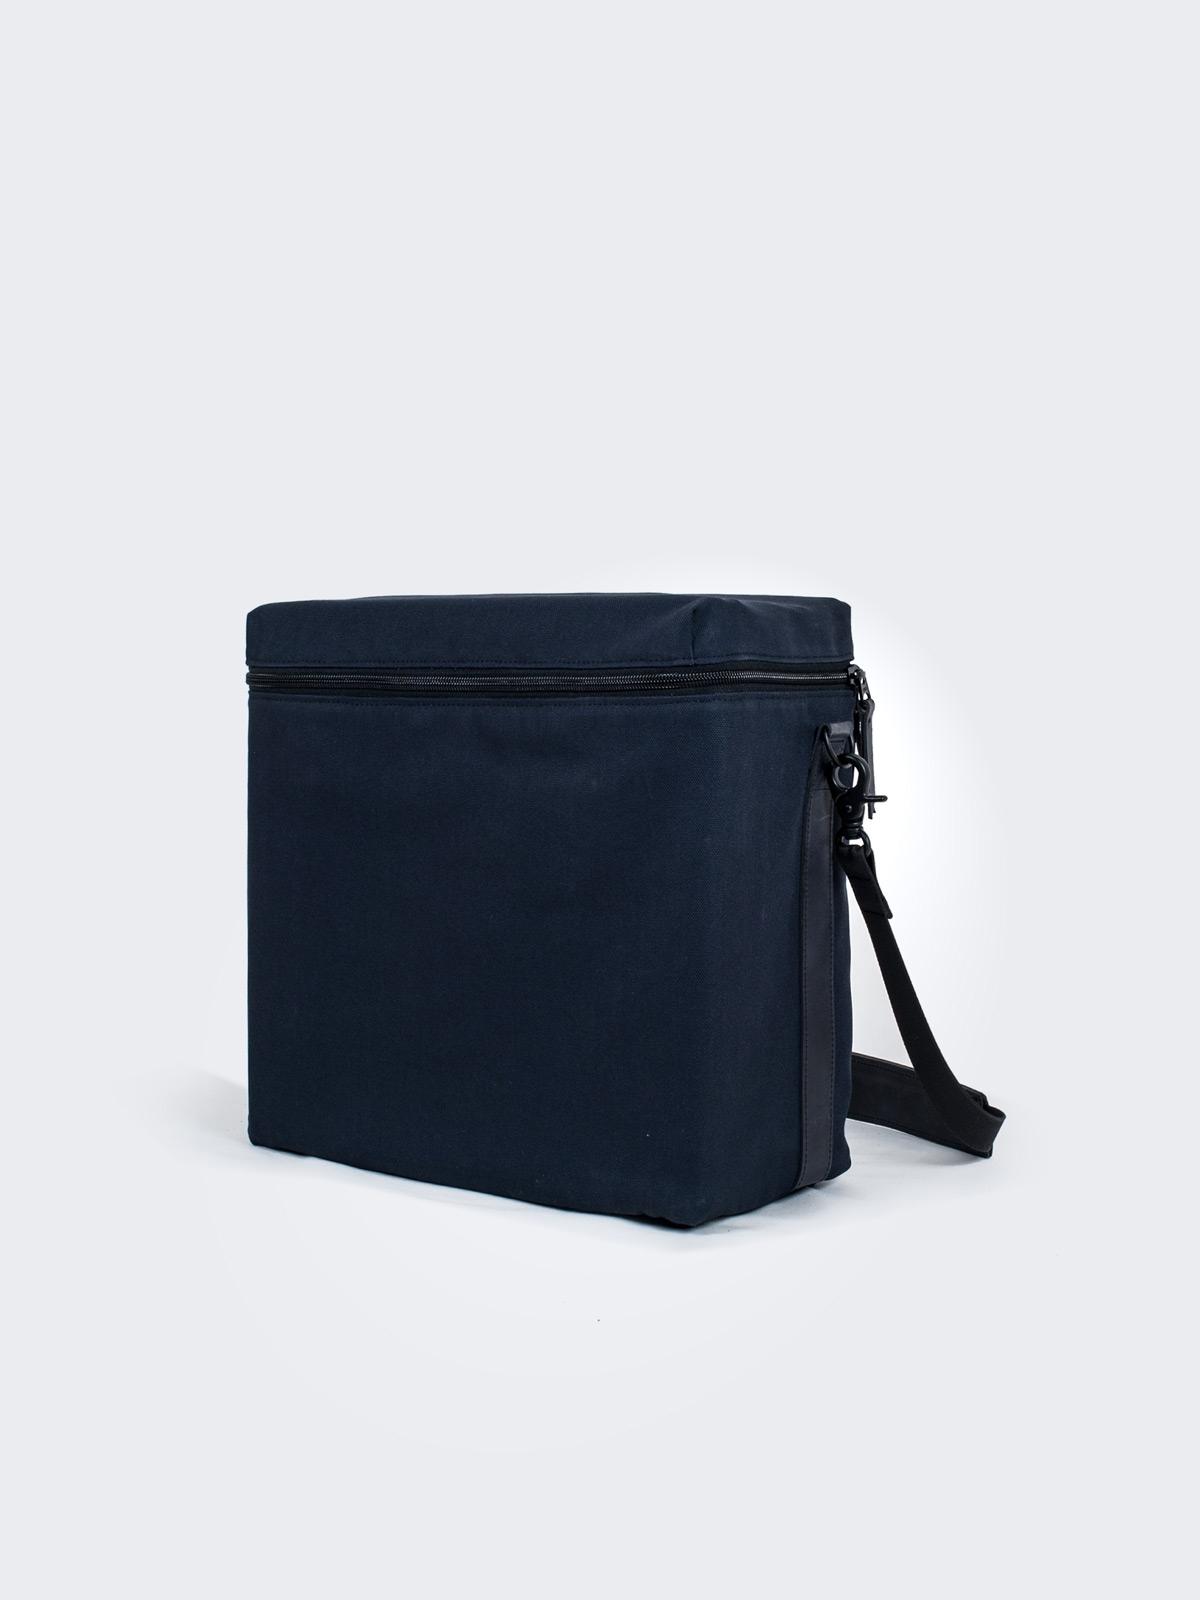 A2 cotton blue